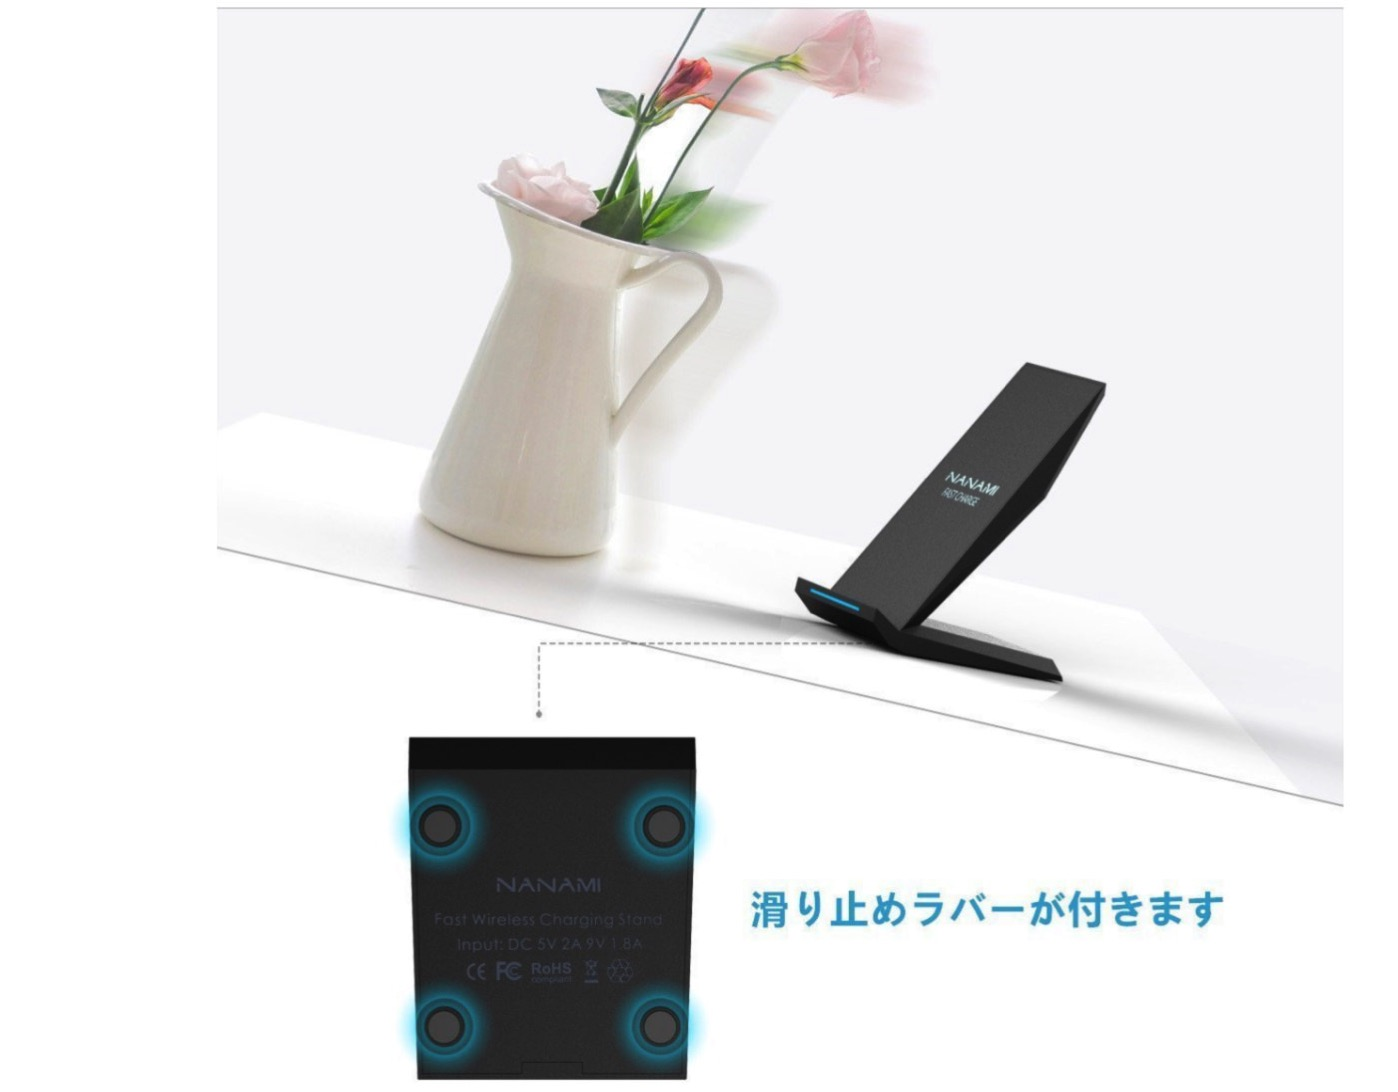 Qi 急速 ワイヤレス充電器 NANAMI Quick Charge 2.0 二つのコイル ワイヤレスチャージャー 置くだけ充電-6